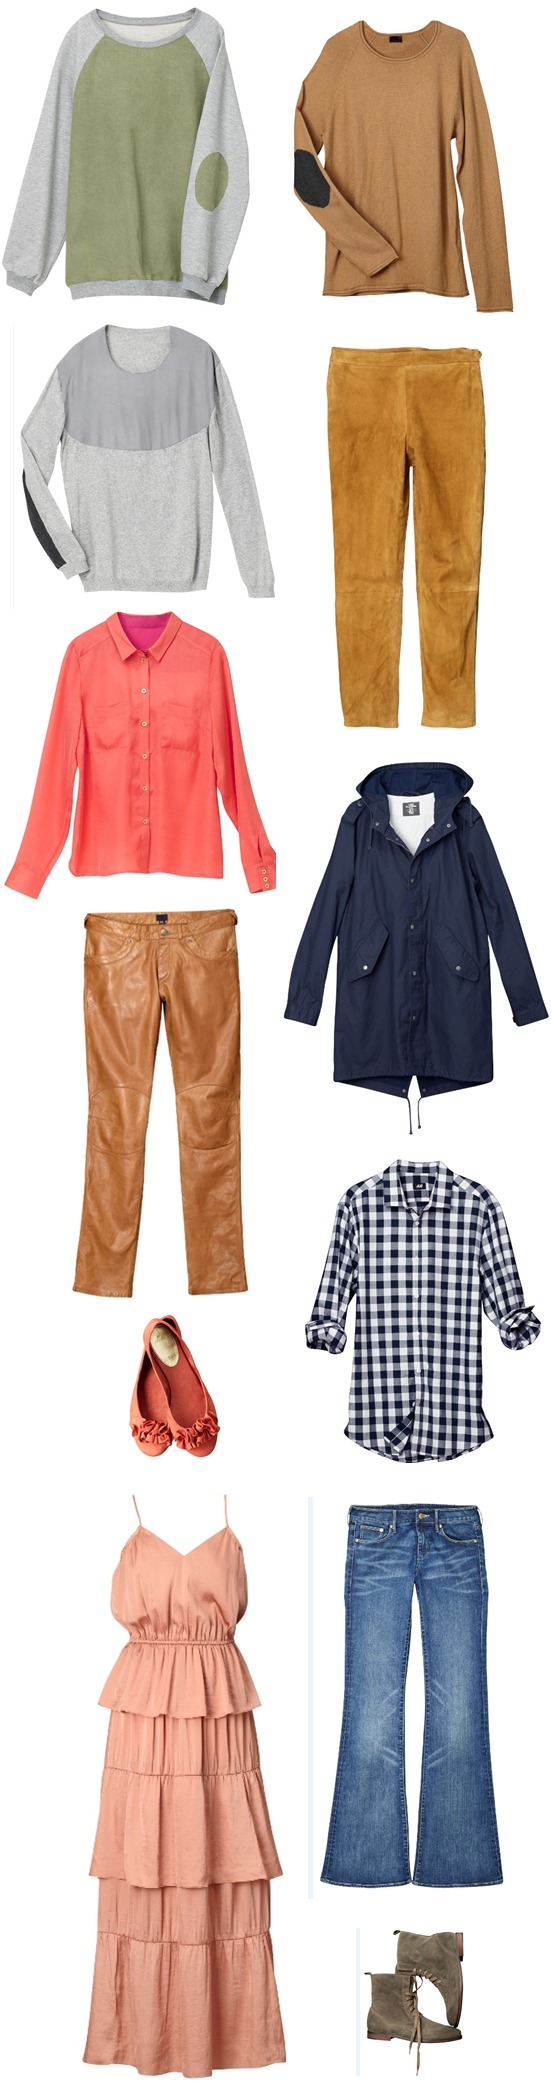 H&M forår 2011, H&M spring 2011, lyserød maxikjole, bluse med patches på albuerne, blå parka, tan læderbukser, tan leather pants, bluse med albuelapper